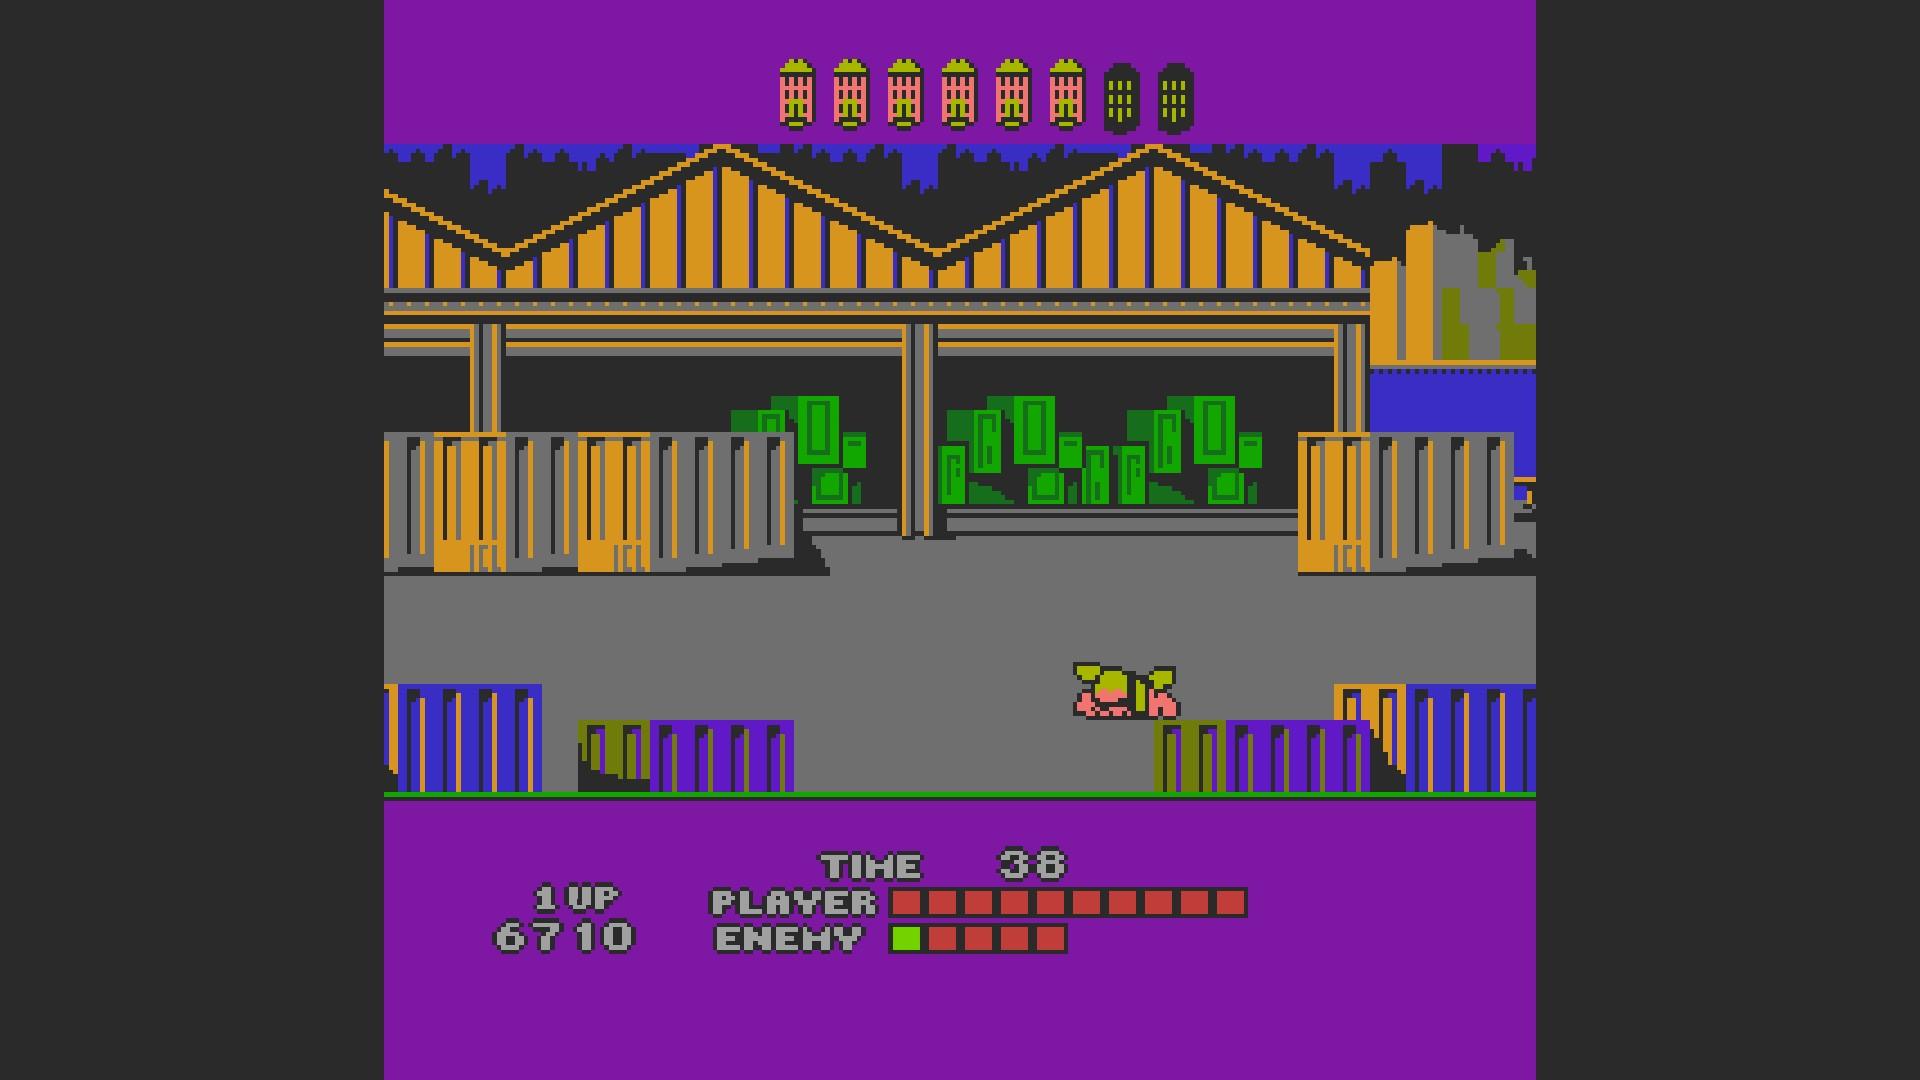 AkinNahtanoj: Bad Street Brawler (NES/Famicom Emulated) 6,710 points on 2020-10-23 03:29:40